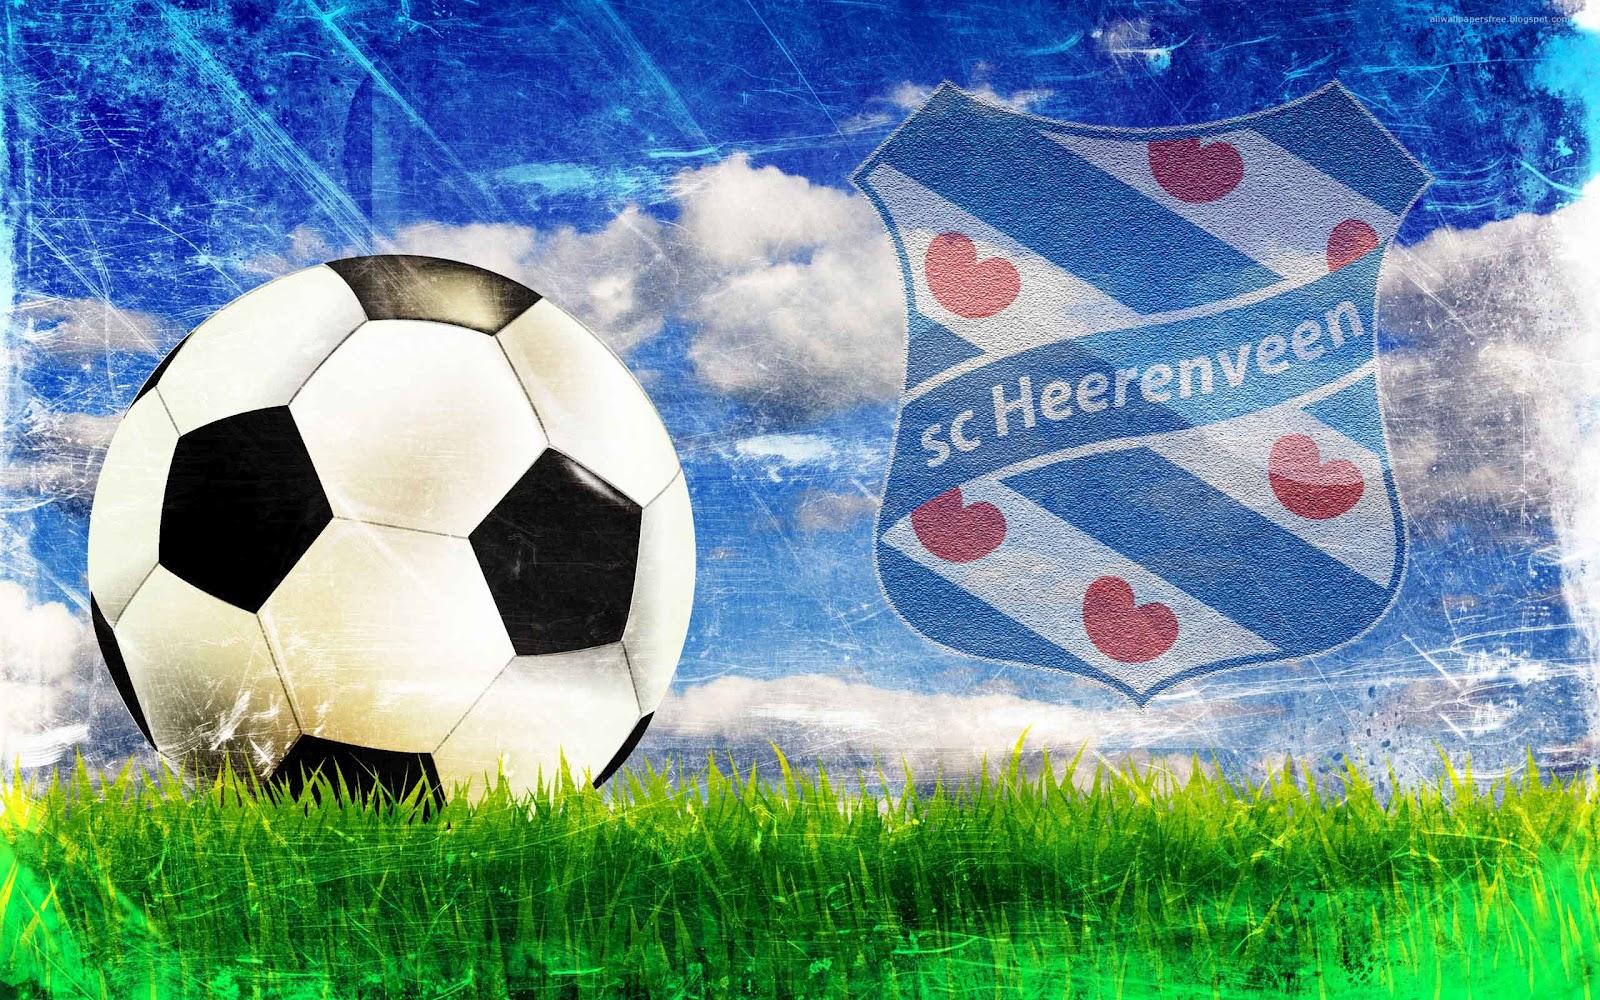 http://4.bp.blogspot.com/-o2mBjJexr4Y/T2XTPu7jD1I/AAAAAAAAb6I/LVN1hfEFv5c/s1600/Voetbalclub-sc-heerenveen-achtergronden-hd-heerenveen-wallpapers-voetbal-05.jpg